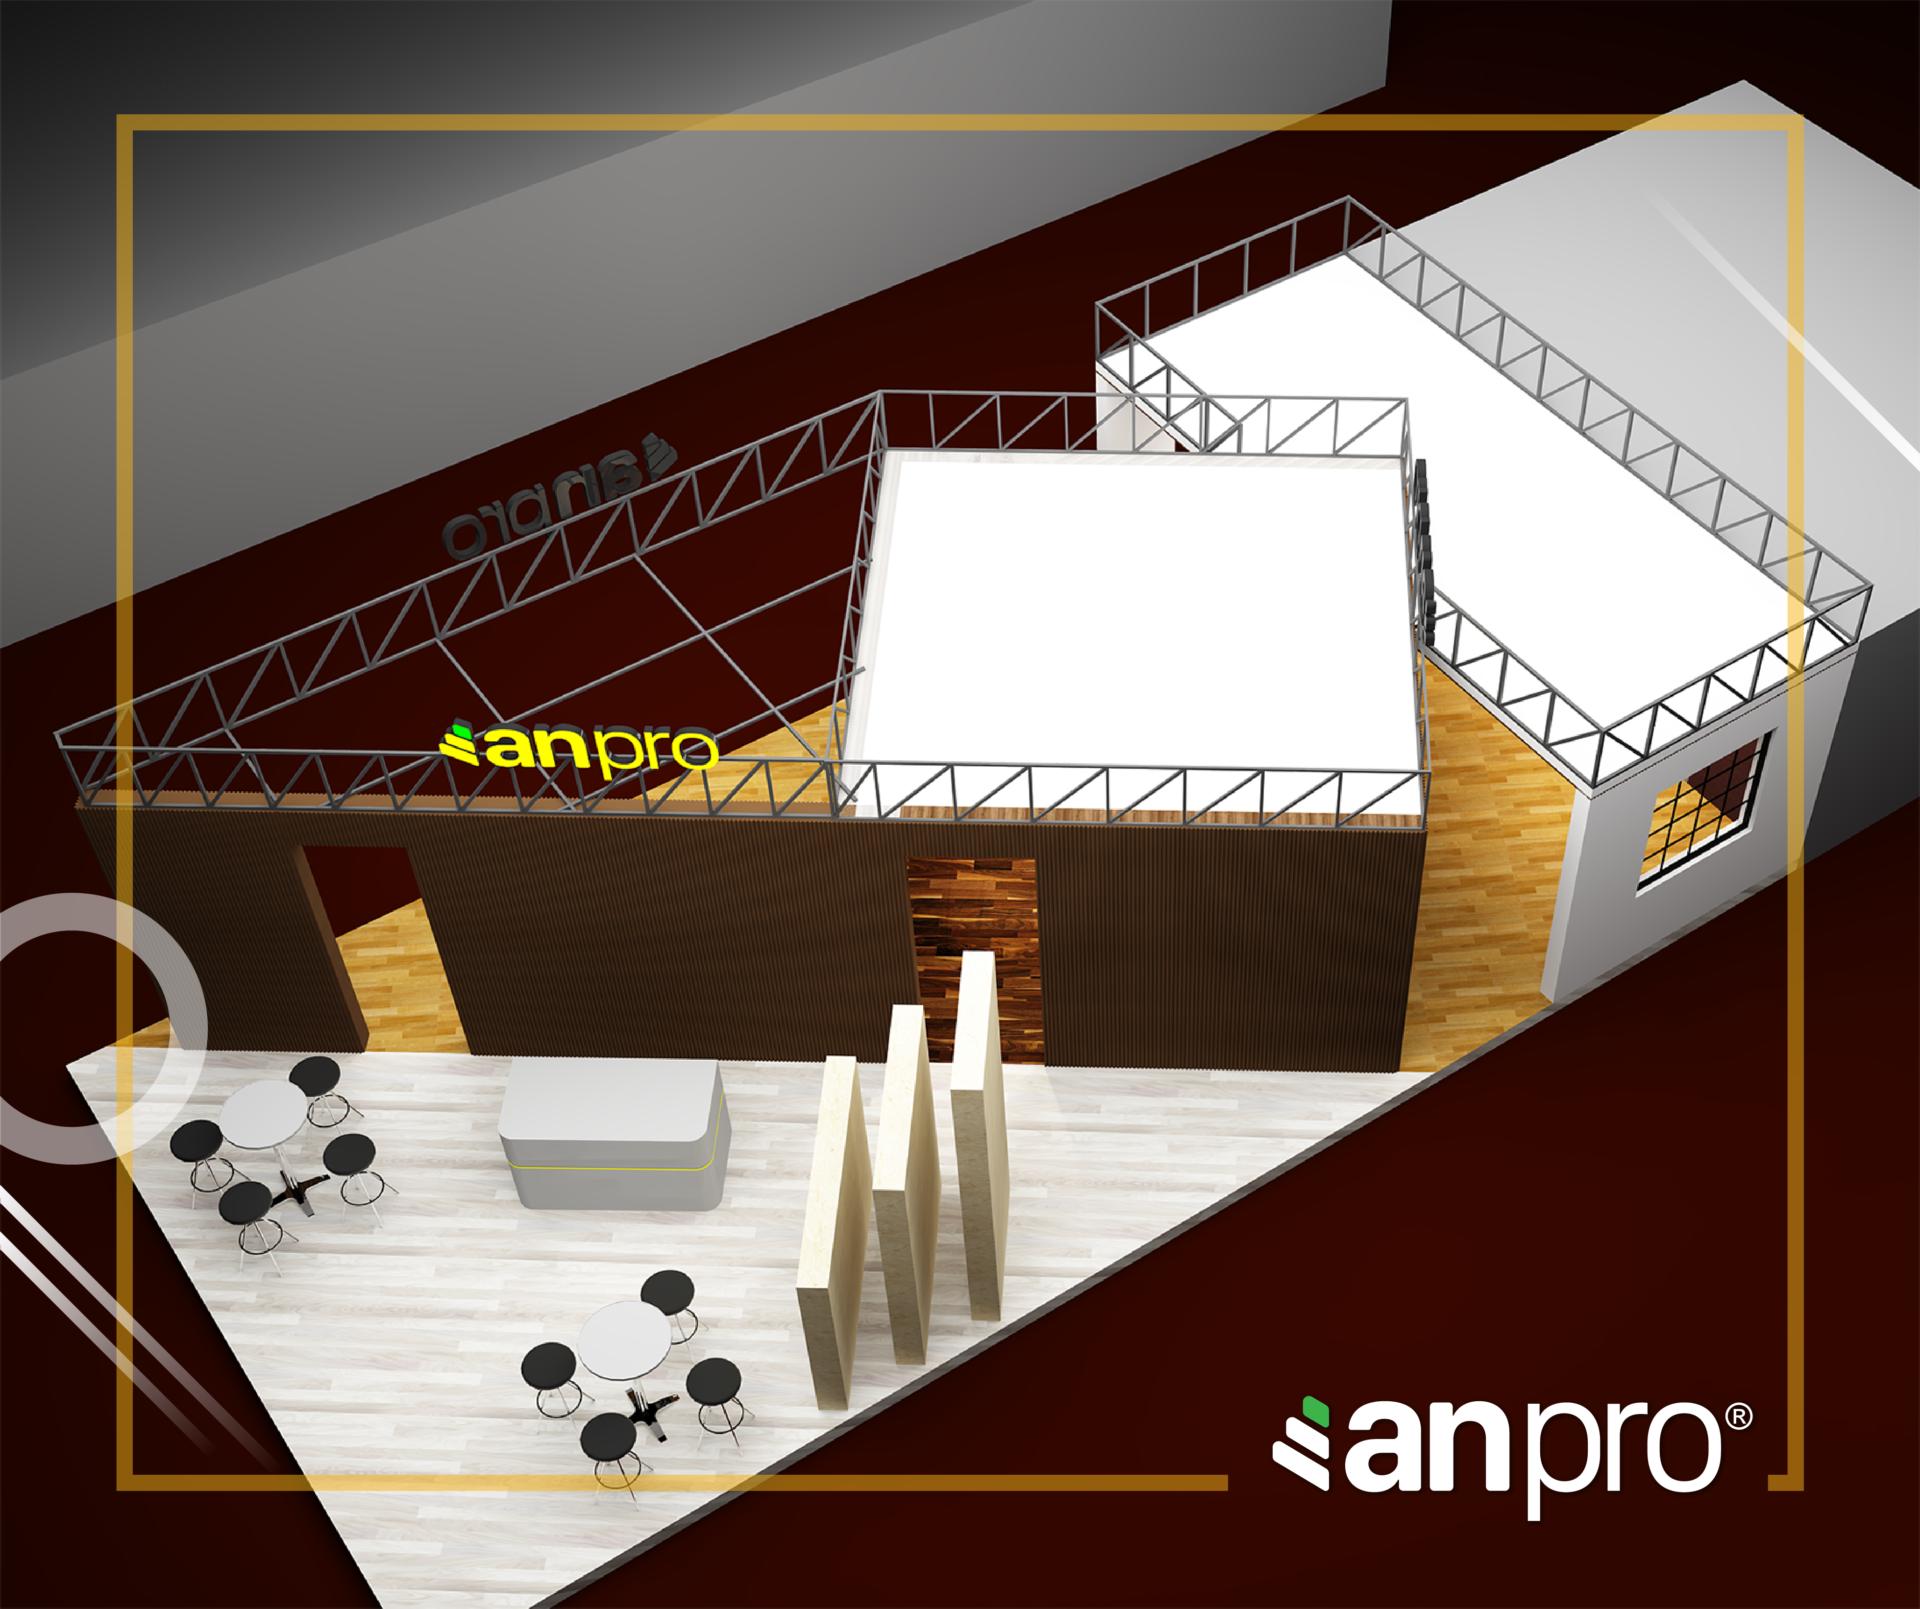 AnPro Vietbuild HCM 2 - TRẢI NGHIỆM KHÔNG GIAN MỞ ĐẦY SÁNG TẠO CỦA ANPRO TẠI VIETBUILD 2019